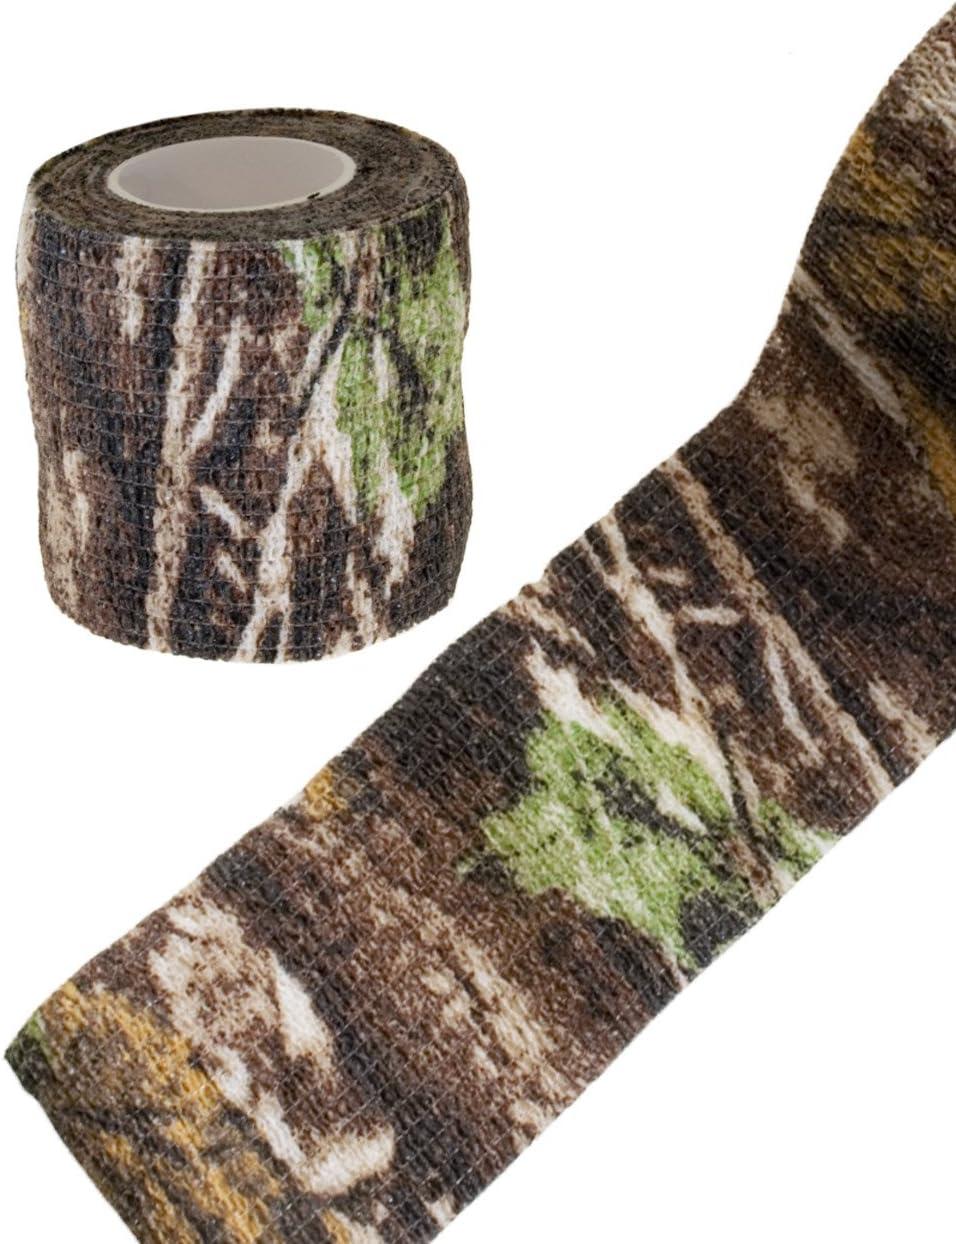 Outdoor Saxx/® 4,5 m fotograf/ías Impermeable para c/ámara Cazadores Multiusos Pesca Cinta de Camuflaje con dise/ño de /árbol Real